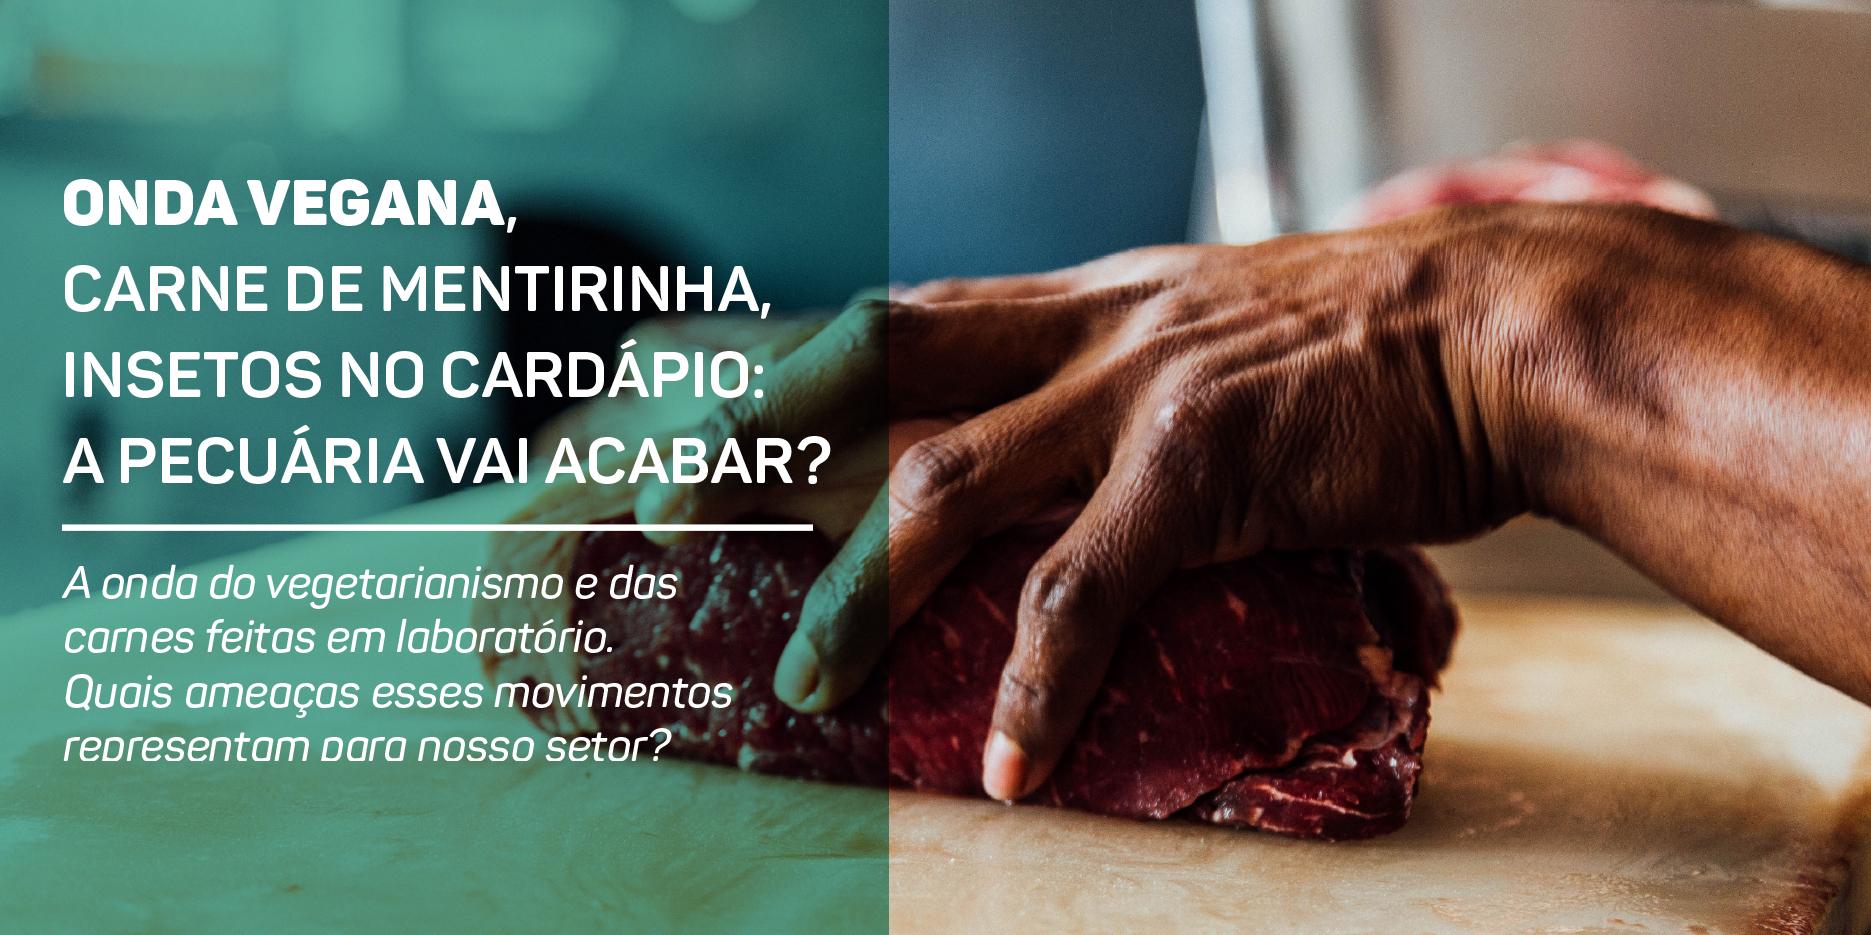 https://www.scotconsultoria.com.br/bancoImagensUP/180530-artigo-raposo-1.jpg